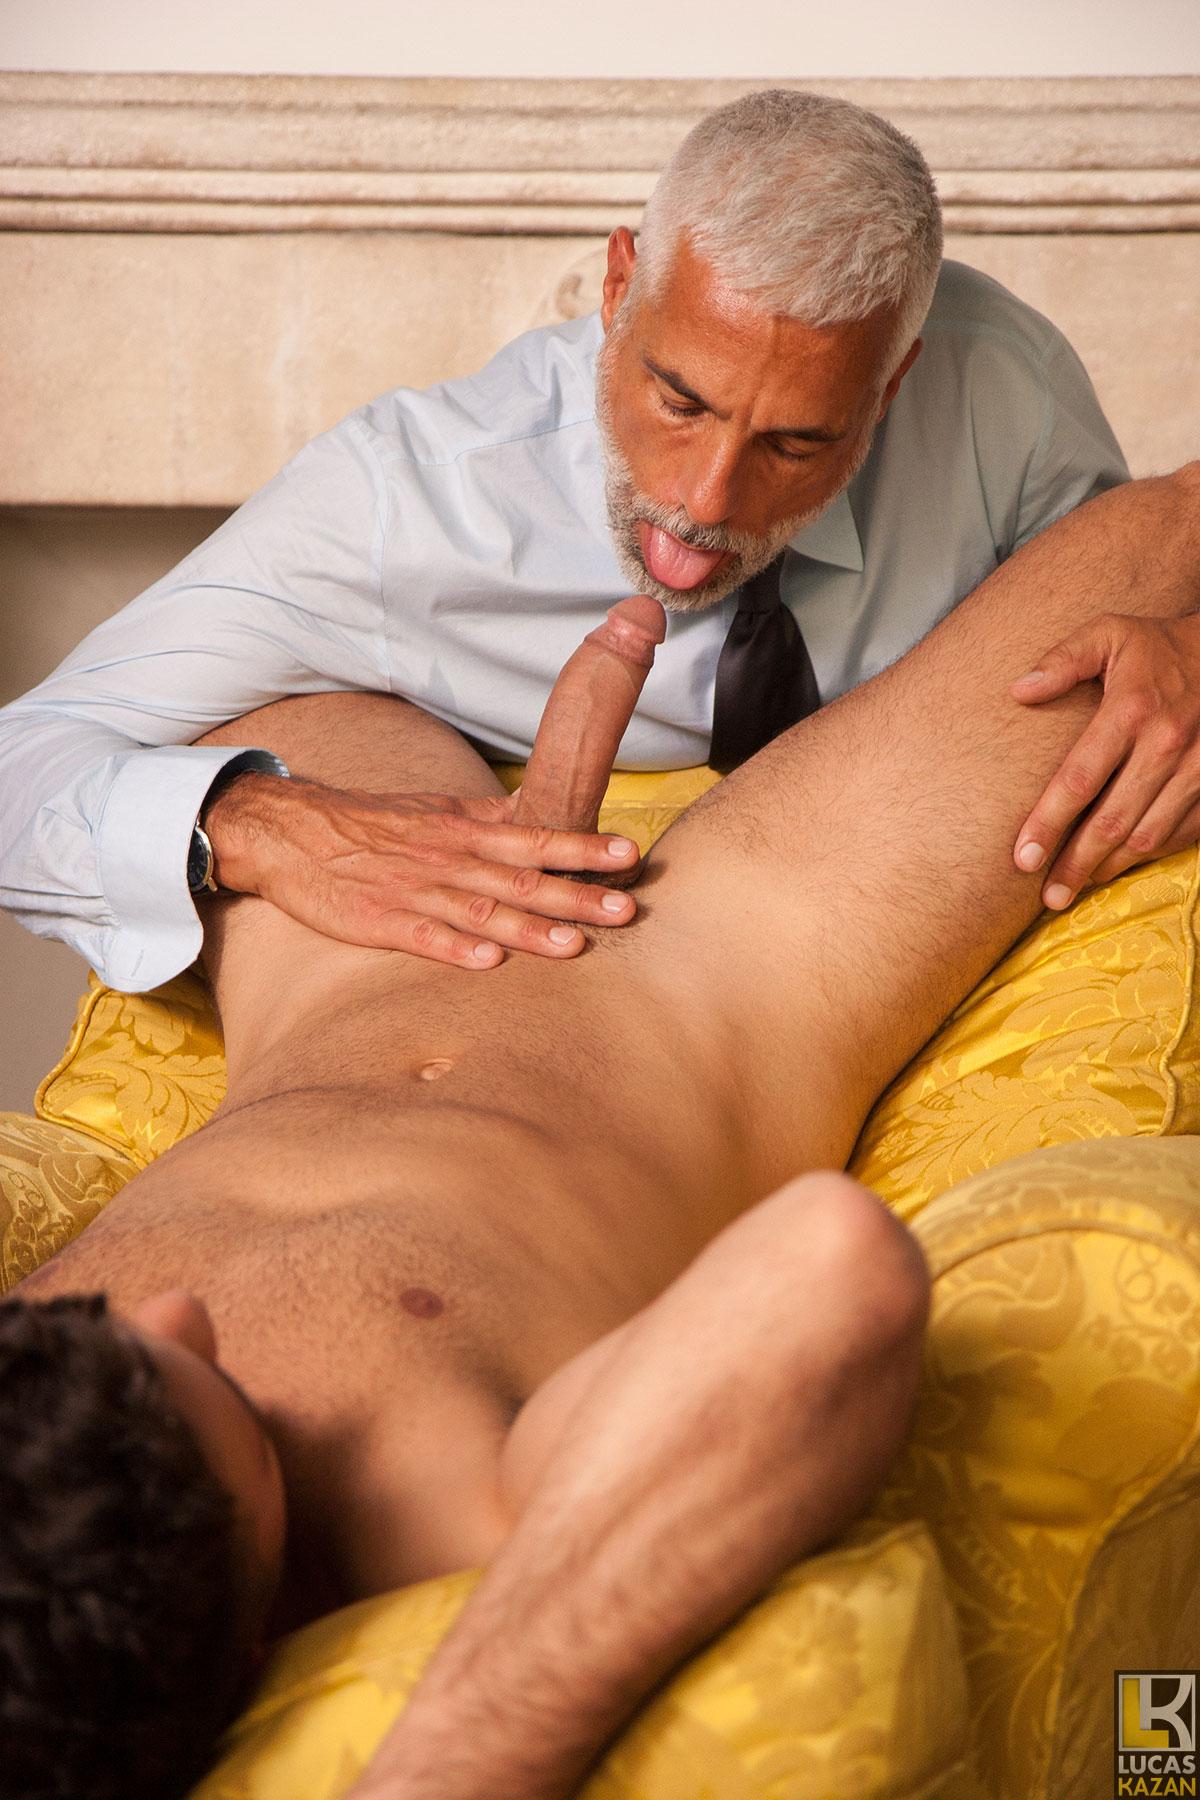 Gay 69 blow job